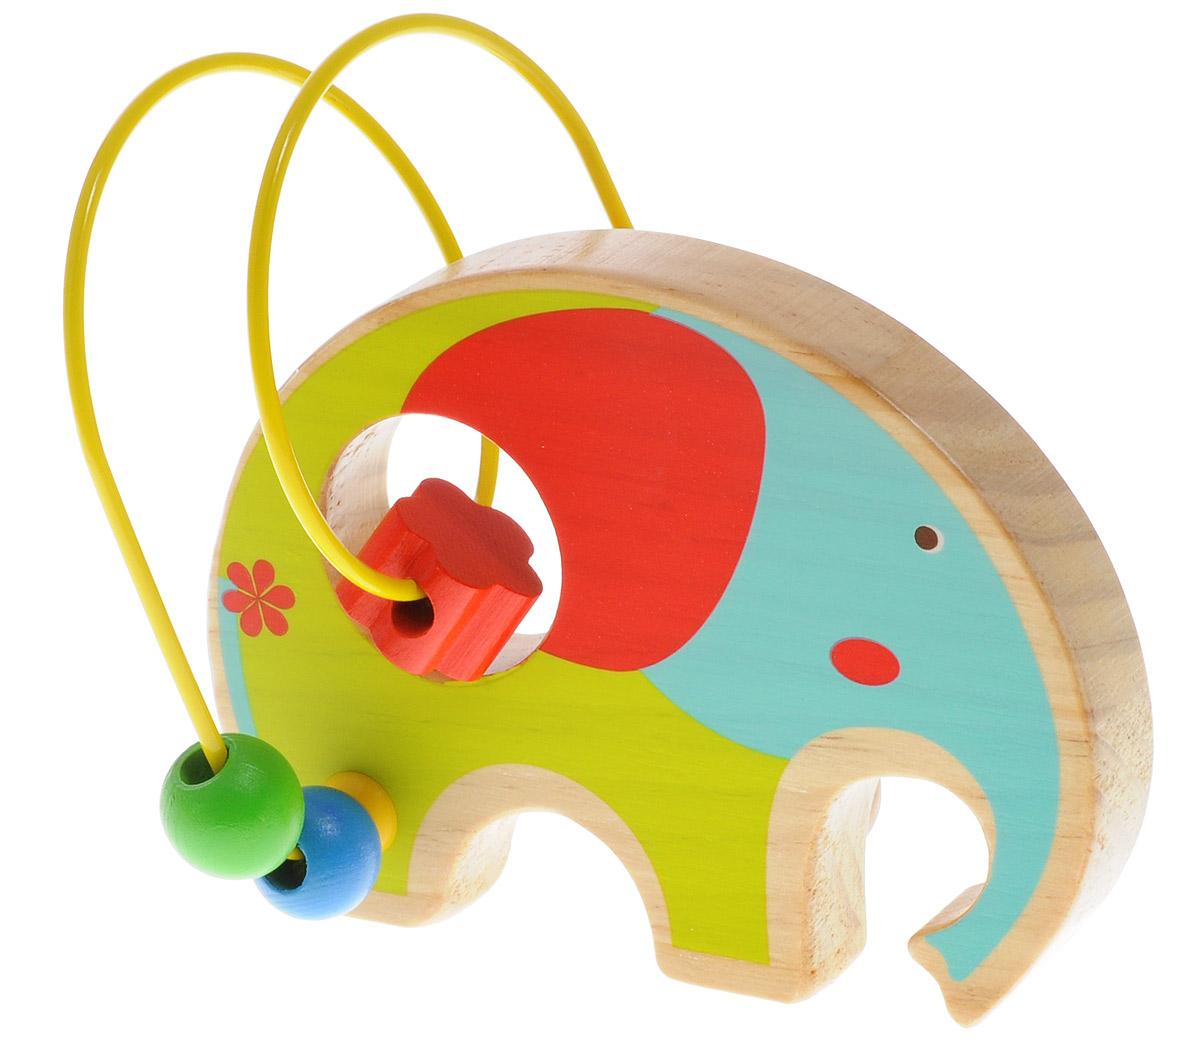 Мир деревянных игрушек Лабиринт СлонД345Лабиринт Мир деревянных игрушек Слон - это замечательная игрушка для малышей! Игрушка в виде слона выполнена из качественных материалов по европейским стандартам и покрыта специальной краской на водной основе, которая абсолютно безопасна для вашего малыша. Краска устойчива к воздействию влаги и нетоксична, рисунок на изделии долгое время будет сохранять яркость. Натуральное дерево, из которого изготовлена игрушка, прошло специальную обработку, в результате чего на модели не осталось острых углов или шероховатых поверхностей, которые могут повредить кожу ребенка. Производитель использует только экологически чистую новозеландскую сосну для производства своих игрушек. К игрушке прикреплена изогнутая проволока, по которой свободно могут двигаться фигурки, различные по цвету и форме. Мелкие детали не снимаются. Лабиринт способствует развитию моторики, тренирует мышцы кисти, отрабатывает круговые движения, стимулирует визуальное восприятие, когнитивное мышление, развивает...